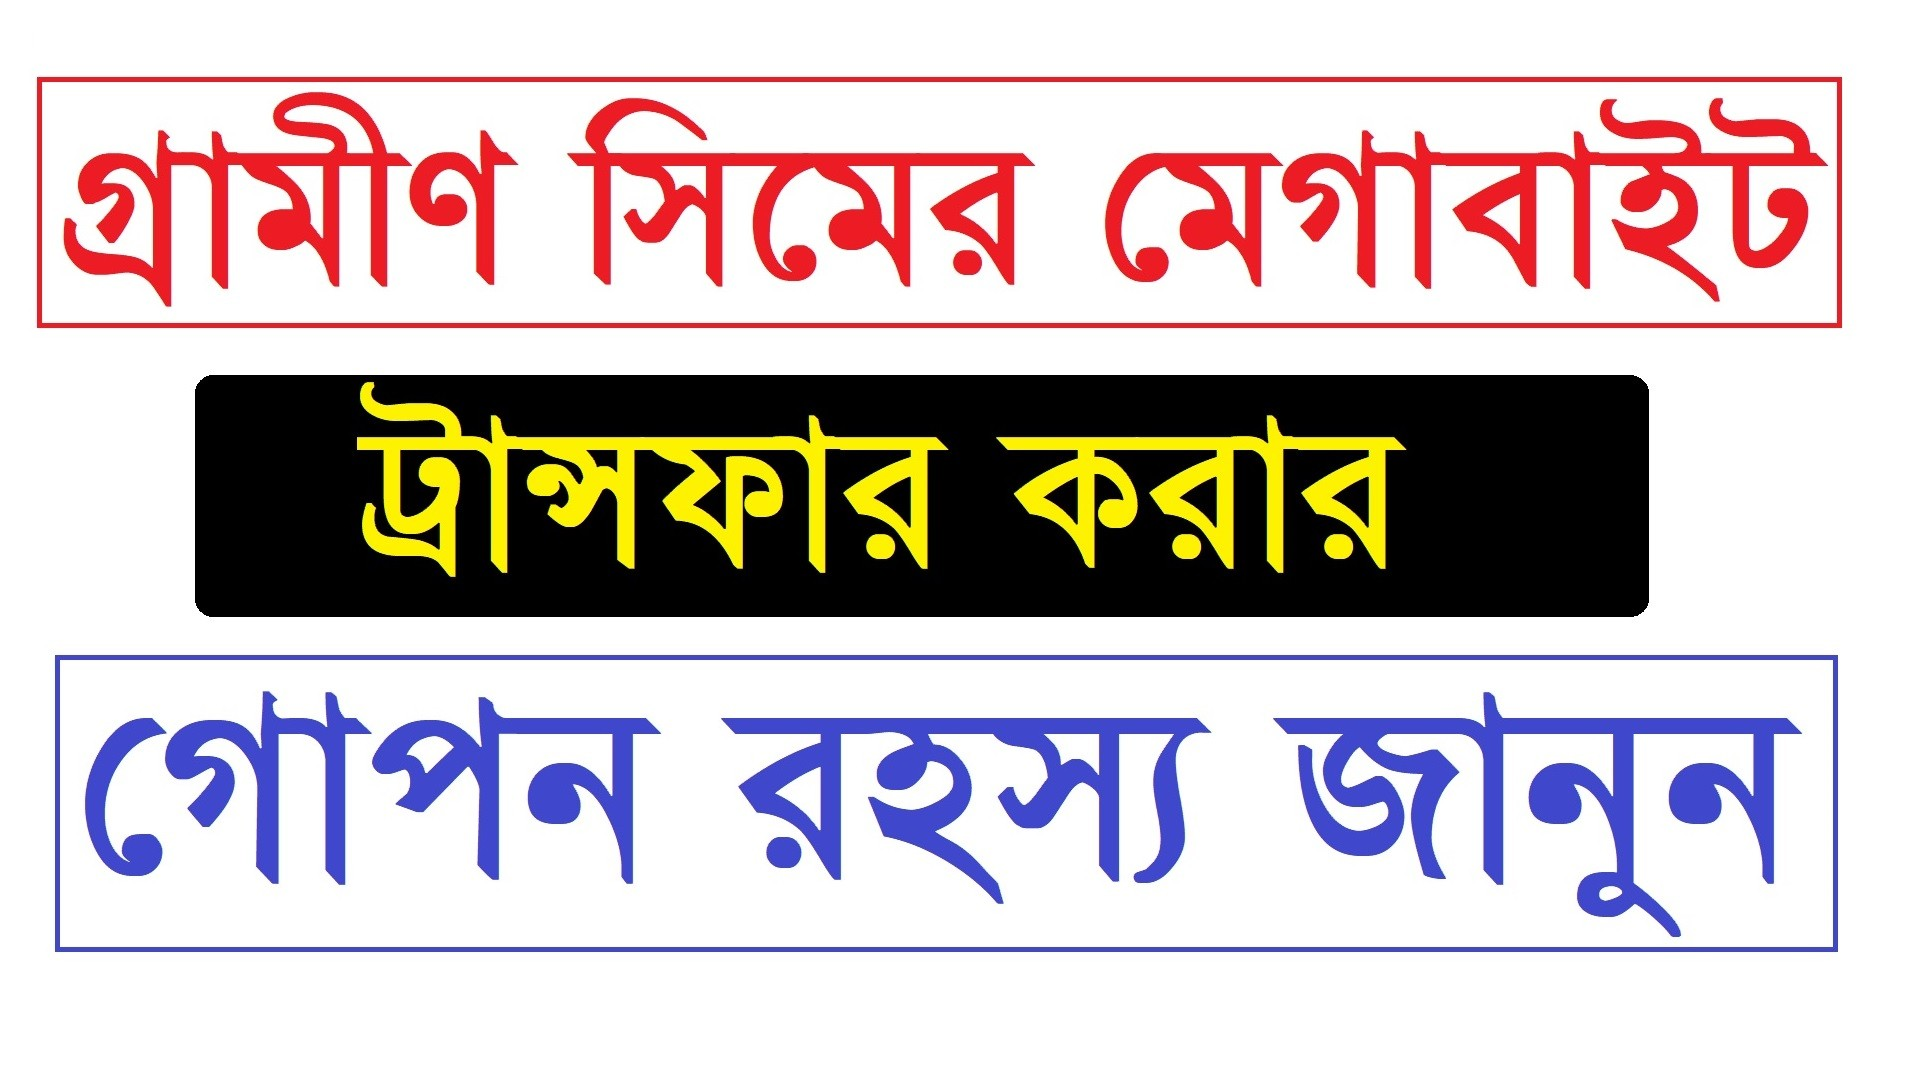 Gp Mb Transfer Real information।।জিপি সিমের মেগাবাইট ট্রান্সফার সঠিক তথ্য।